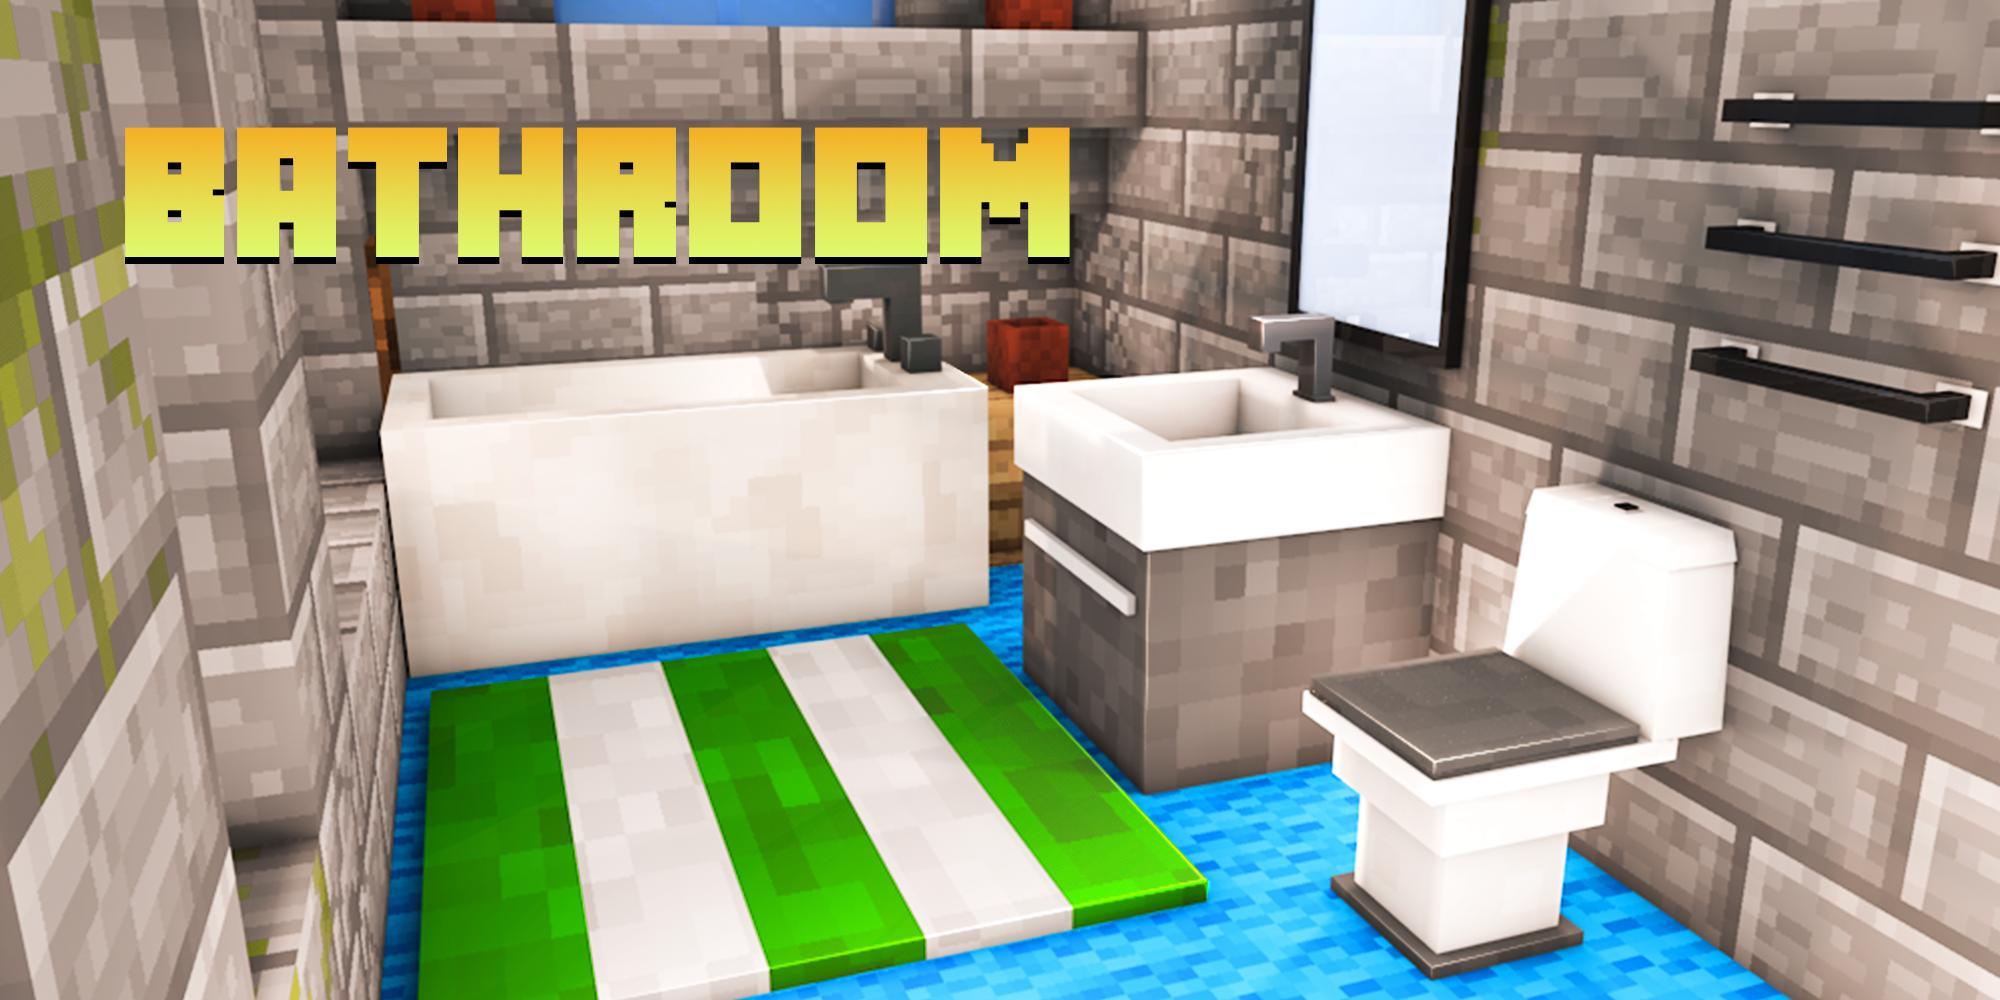 Mods De Meubles Pour Minecraft Pe Pour Android - Téléchargez ... dedans Canape Minecraft